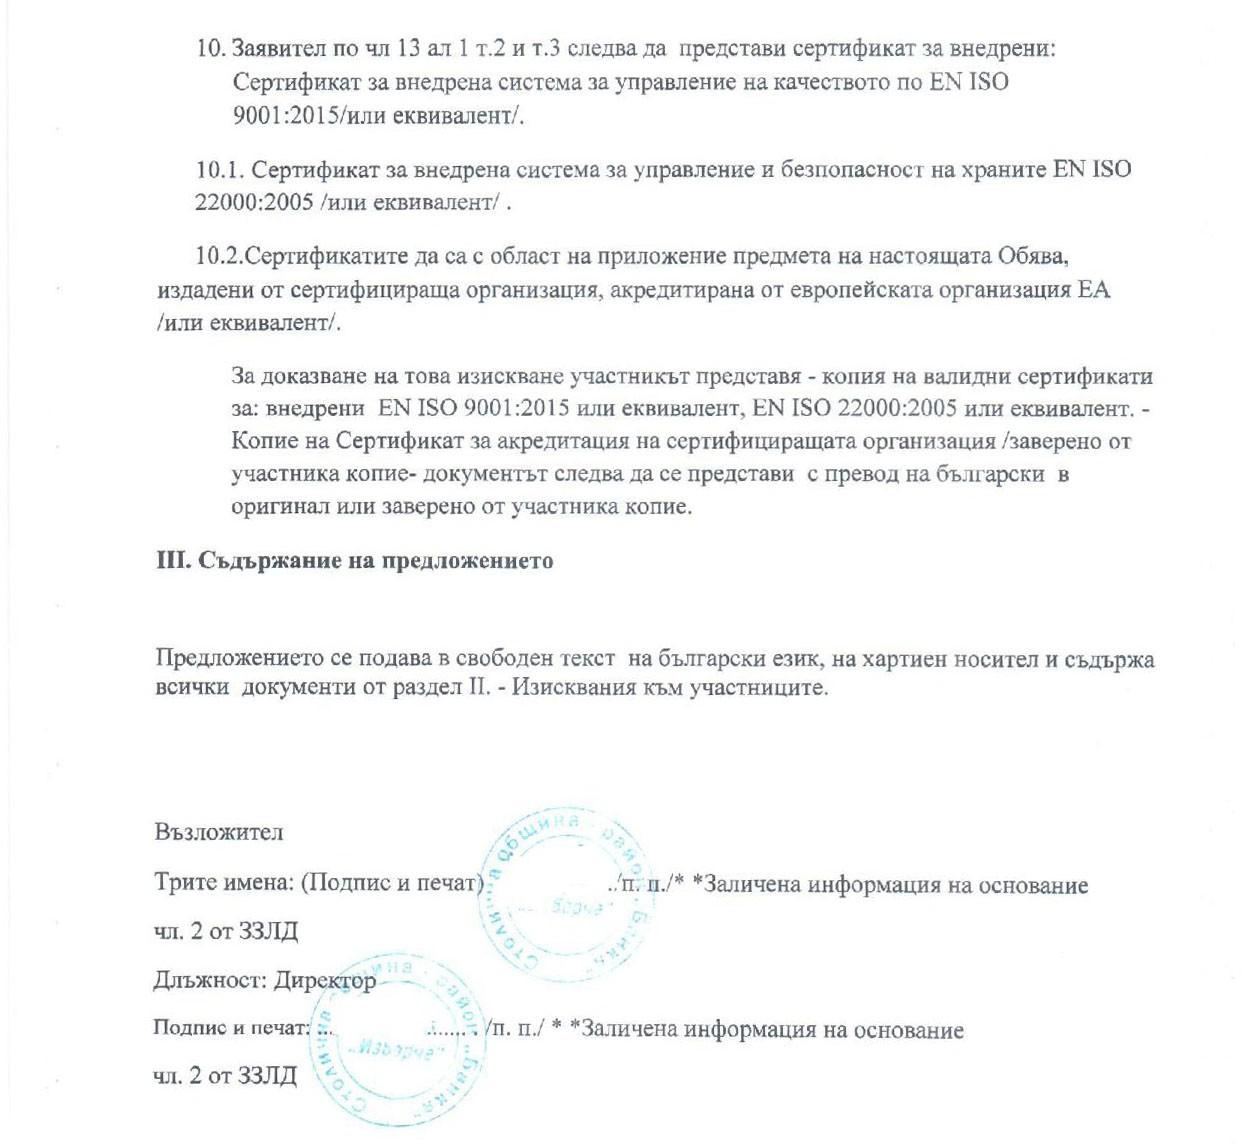 Набирането на предложения за доставка на плодове и зеленчуци и на мляко и млечни продукти в ДГ 25 Изворче-стр 3